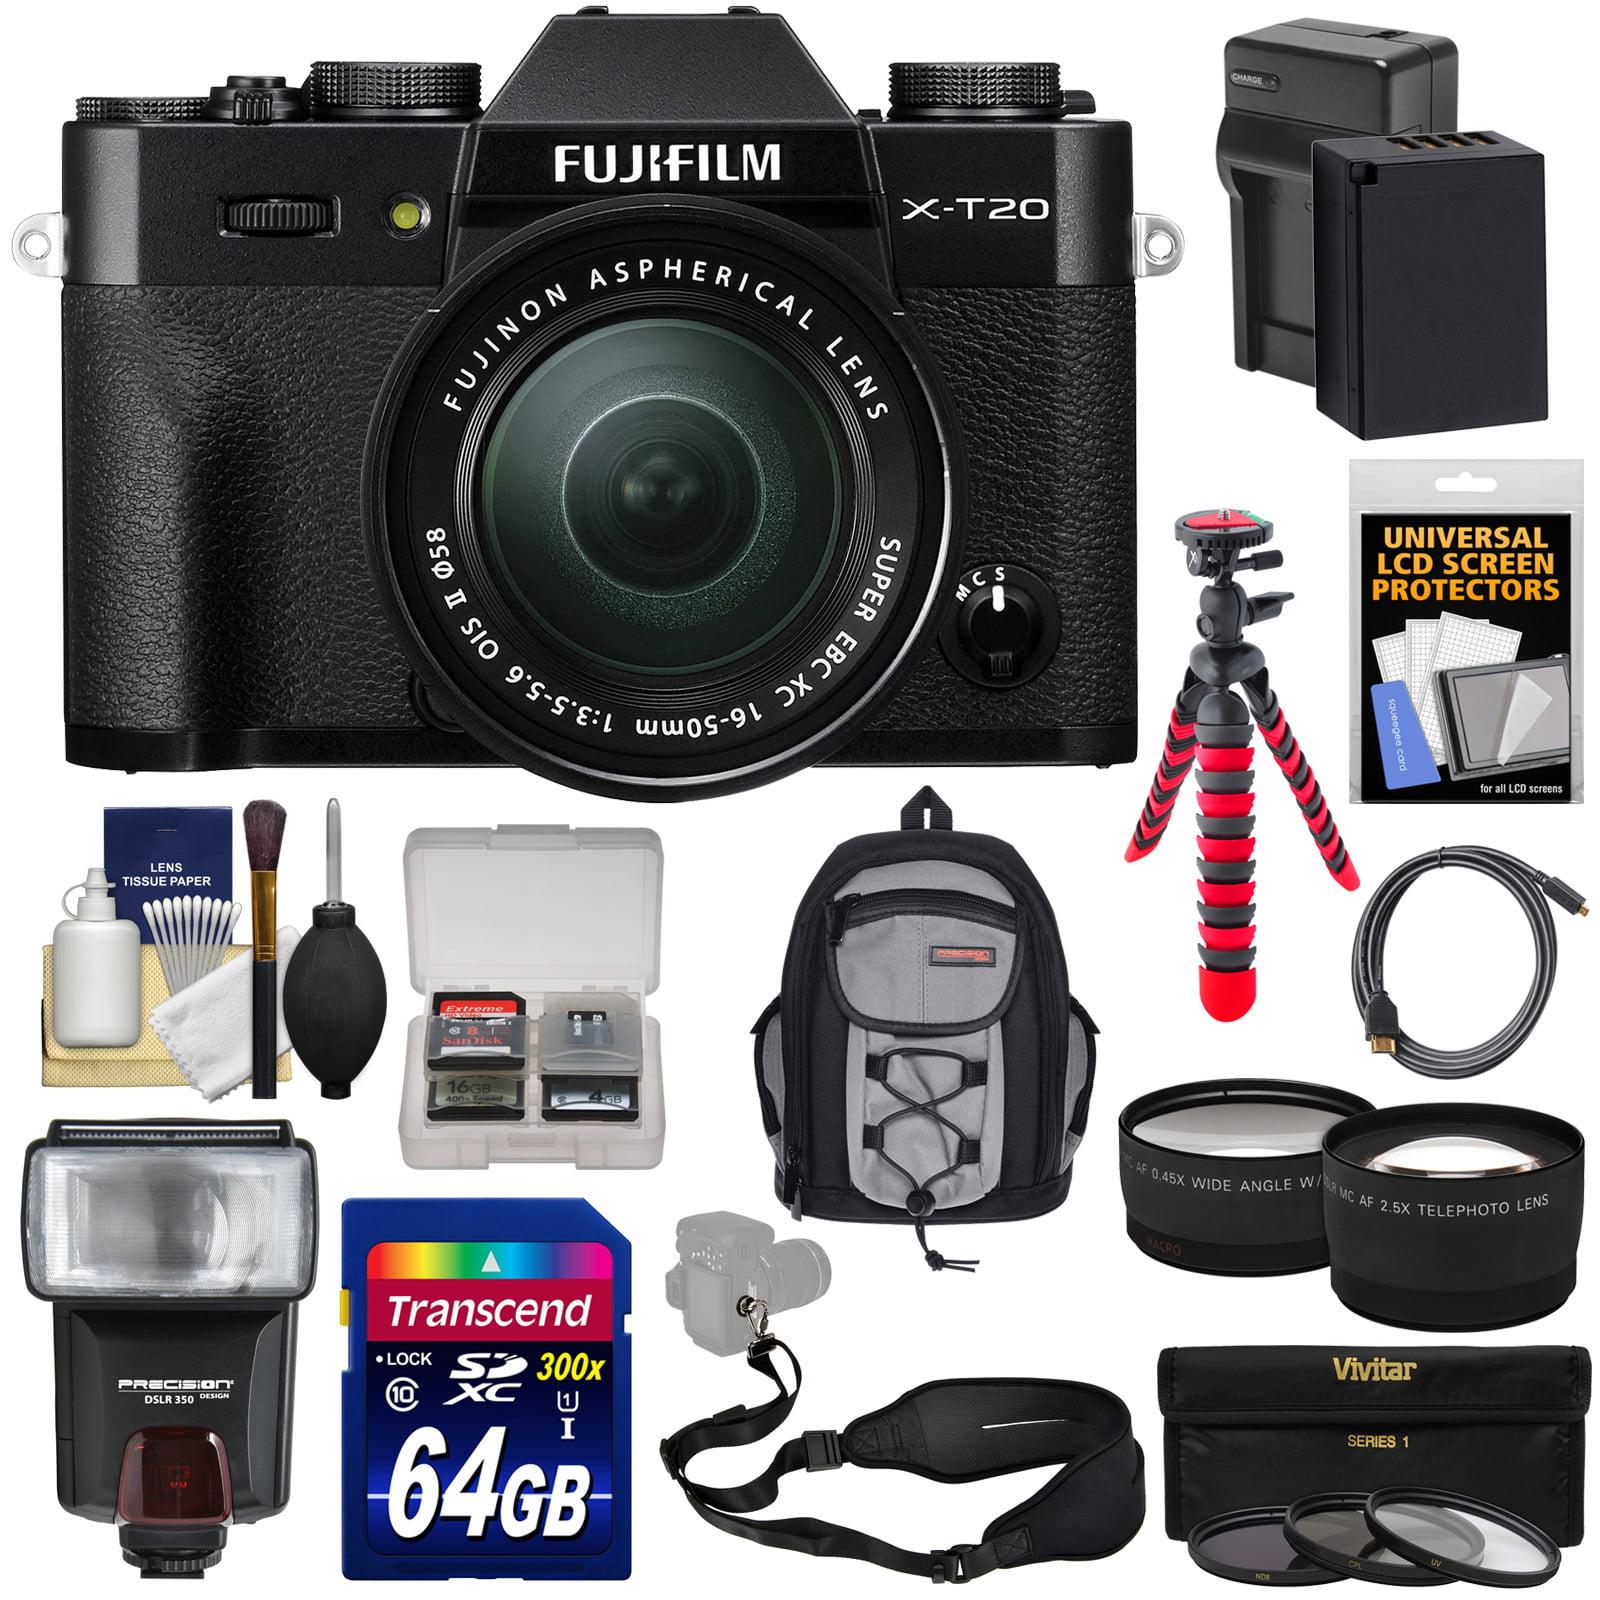 FujiFilm X-T20 Wi-Fi Digital Camera & 16-50mm XC Lens (Silver) with 64GB Card + Battery + Backpack + Flash + Flex Tripod... by Fujifilm